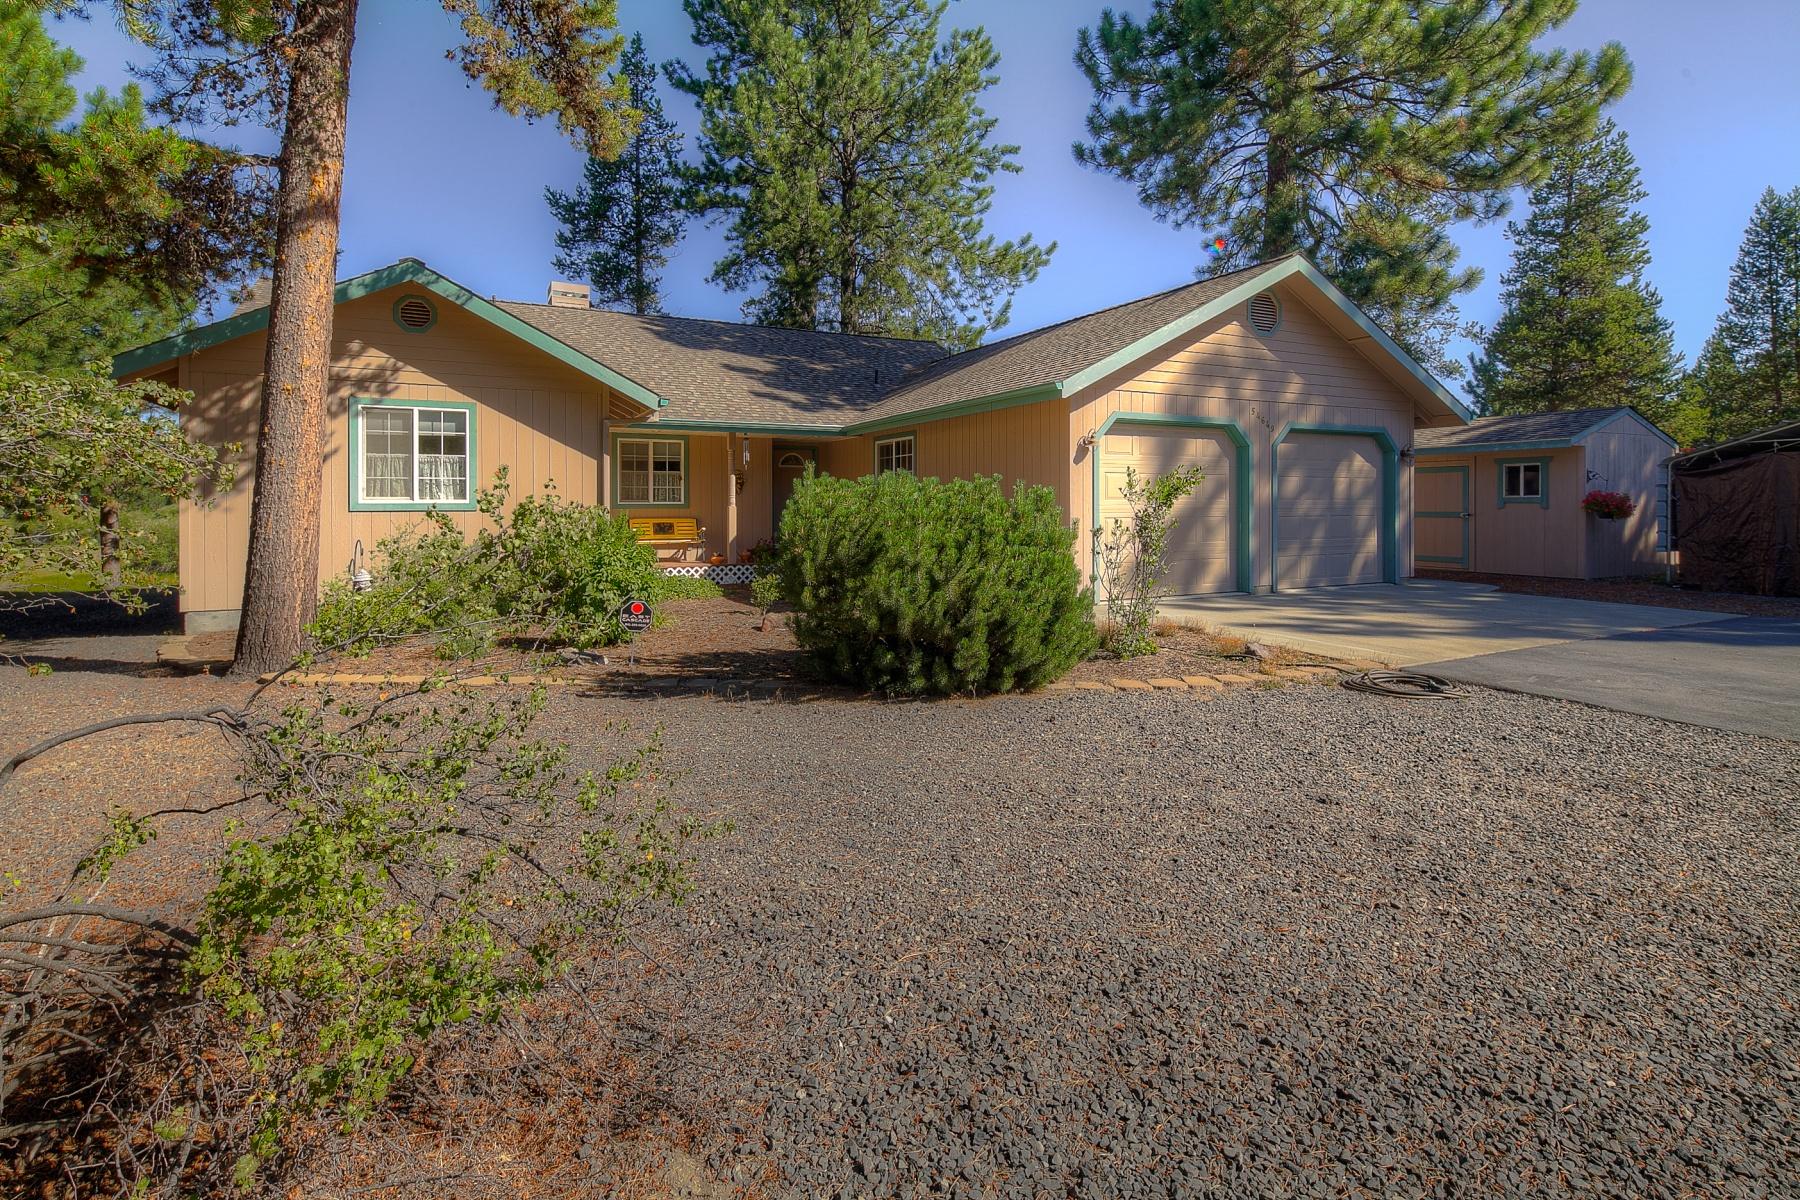 Maison unifamiliale pour l Vente à Mt Bachelor Views & Riverfrontage 54649 Silver Fox Dr Bend, Oregon, 97707 États-Unis